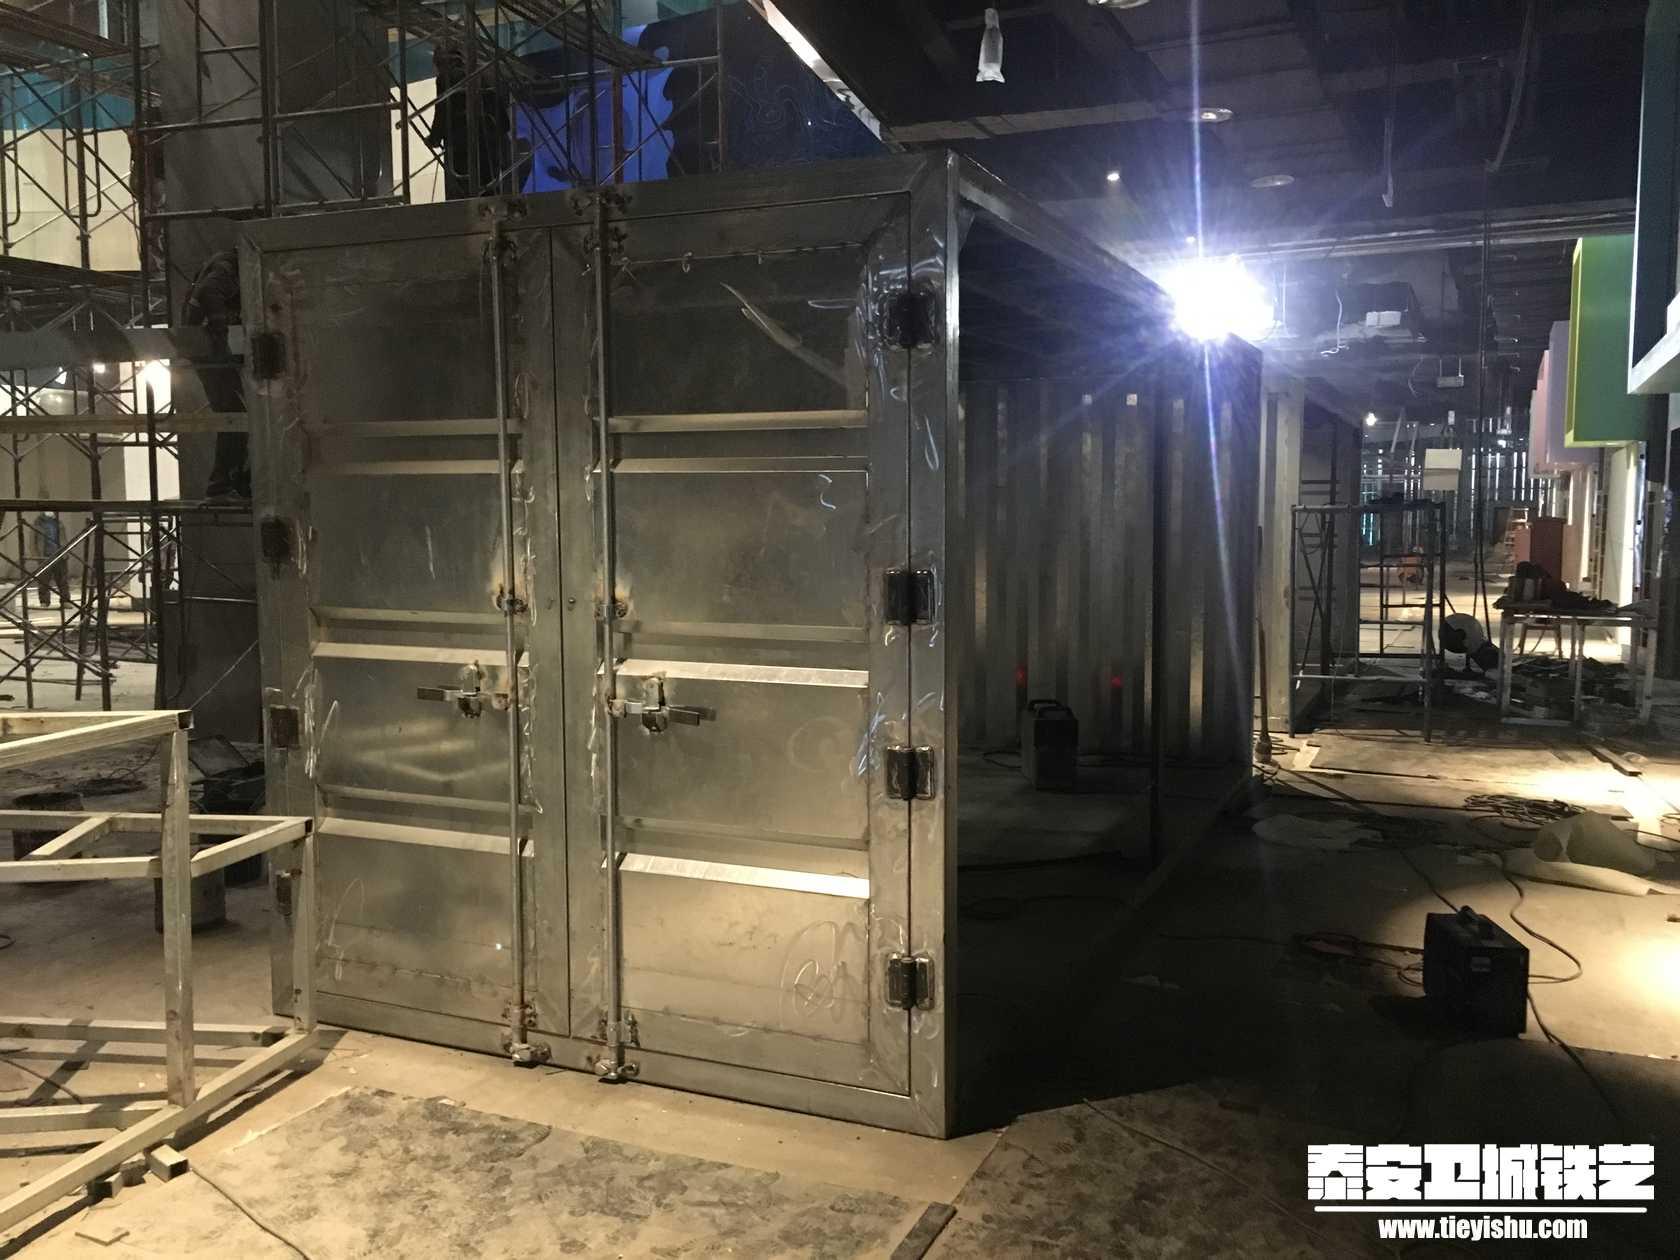 主题集装箱商铺-铁艺货架THJ2016122-青岛万象城